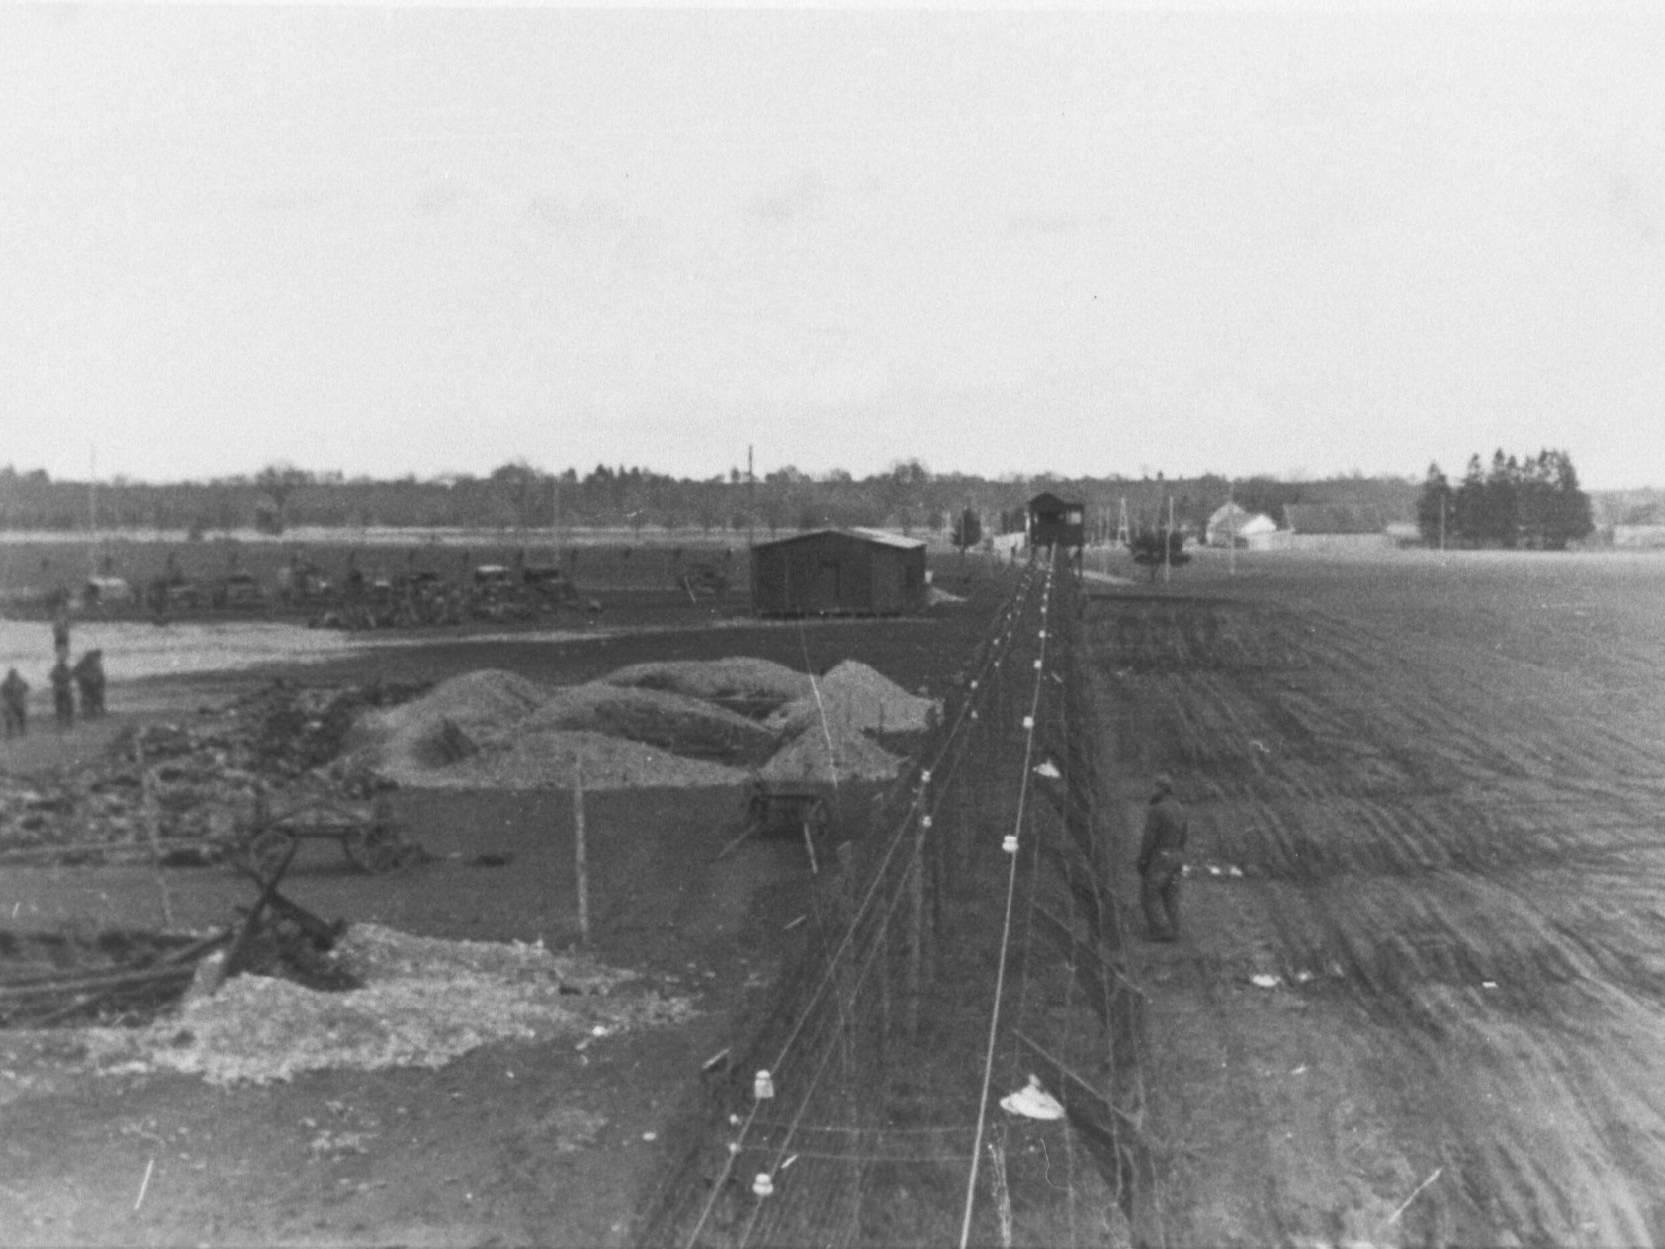 Die ausgehobenen Massengräber des KZ-Außenlagers Kaufering IV (Hurlach) nach der Befreiung.